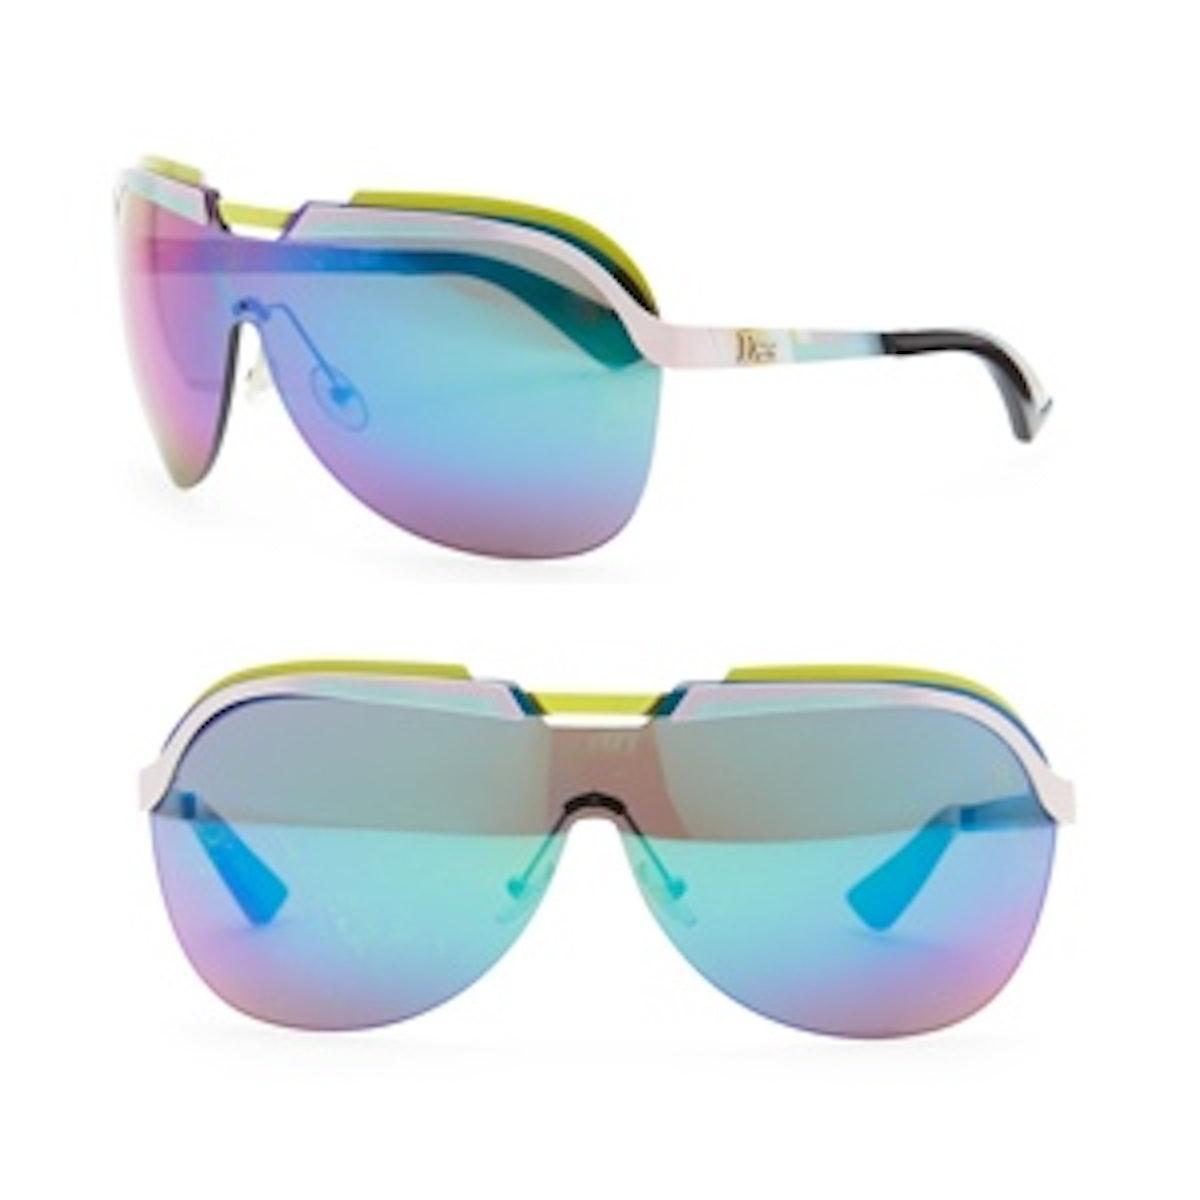 Multicolor-Bar Shield Sunglasses